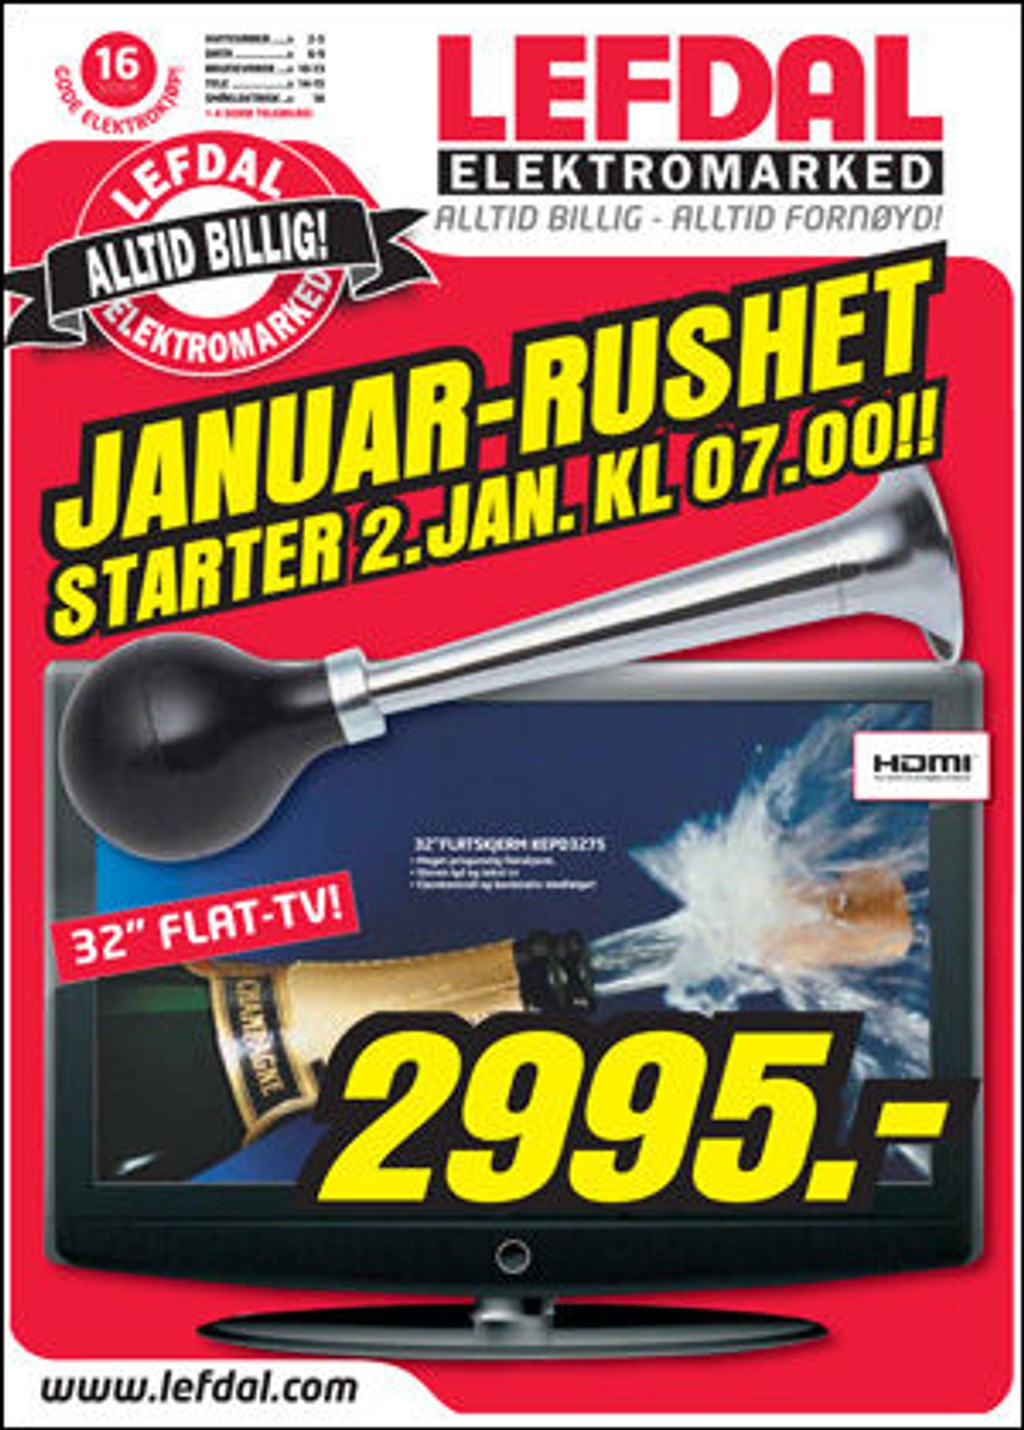 HVOR STÅR DET SALG? Lefdal har et januar-rush, men et salg er det nok ikke lov til å kalle det...